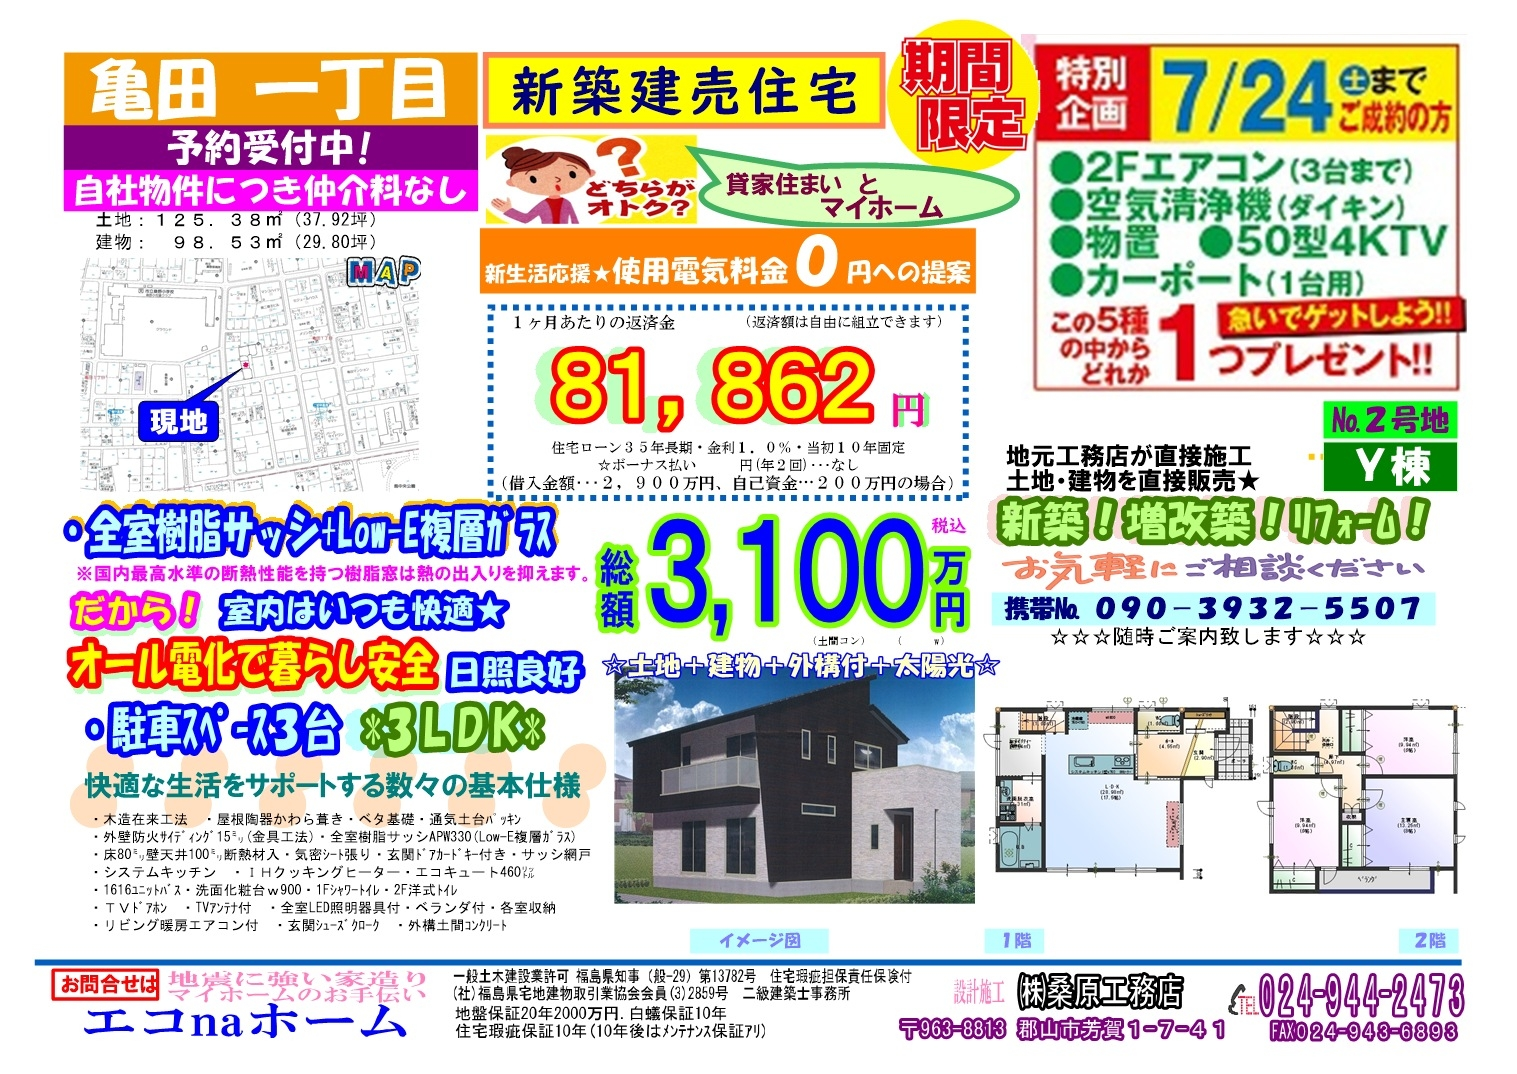 20210717 kameda_02_Y.jpg